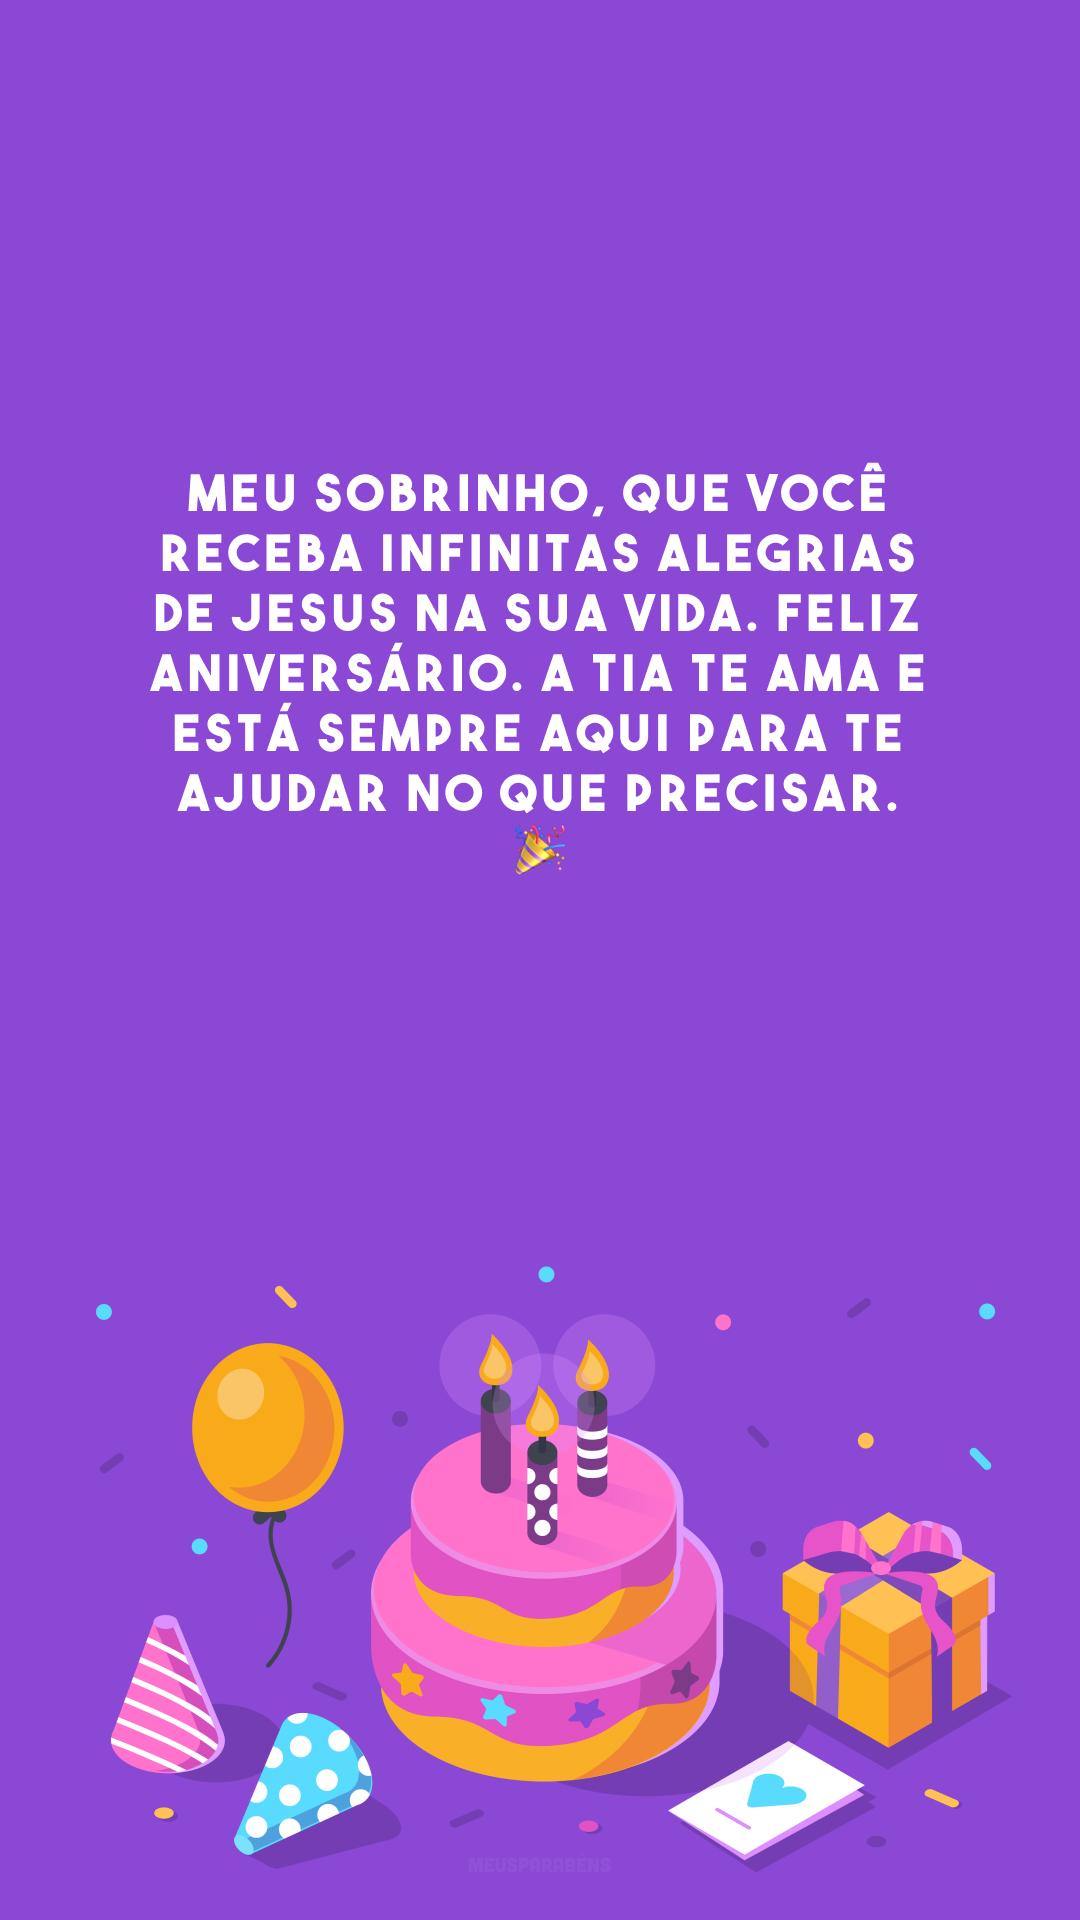 Meu sobrinho, que você receba infinitas alegrias de Jesus na sua vida. Feliz aniversário. A tia te ama e está sempre aqui para te ajudar no que precisar. 🎉